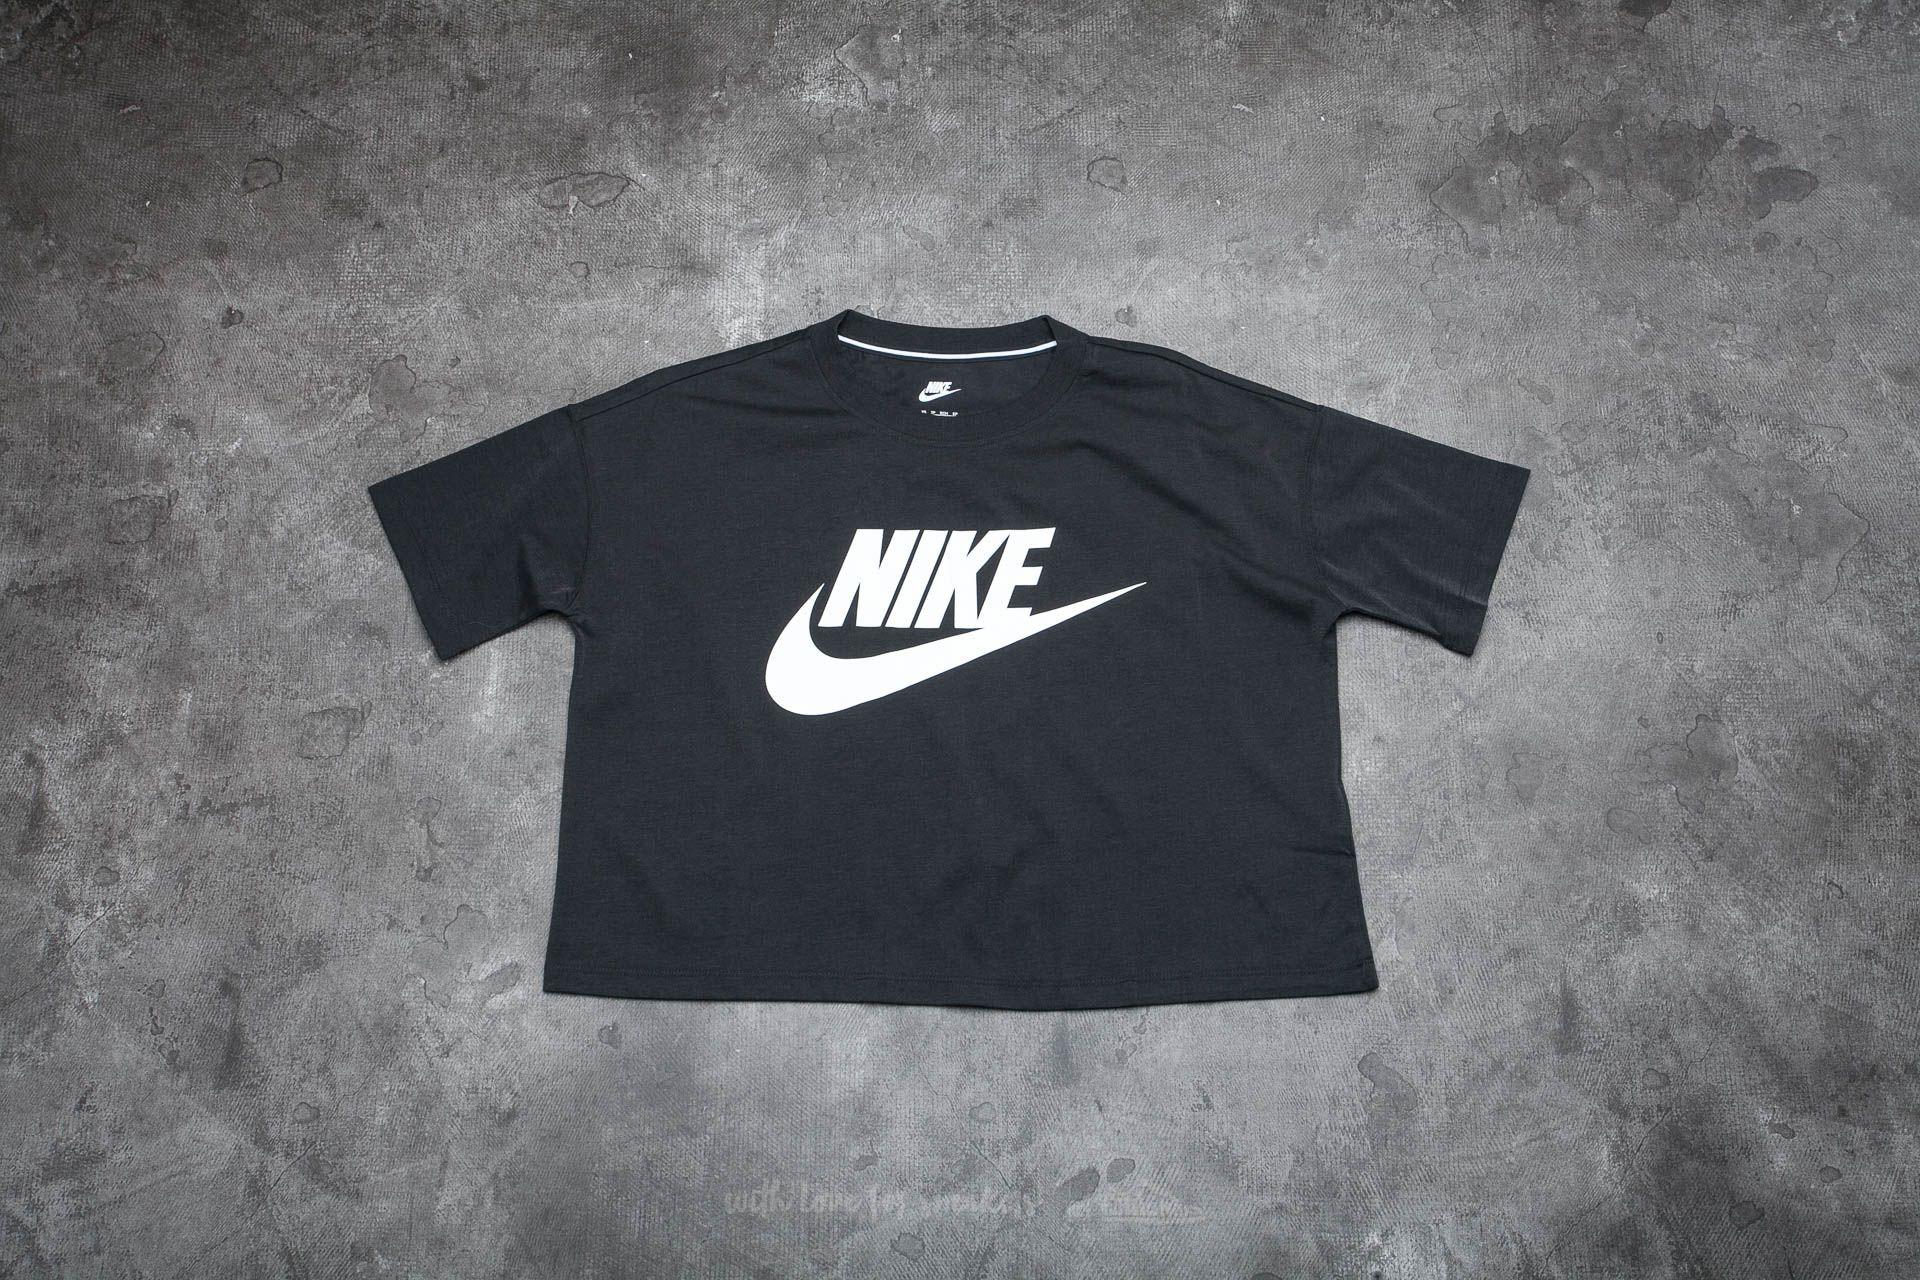 Nike Sportswear Women's Top Black/ White